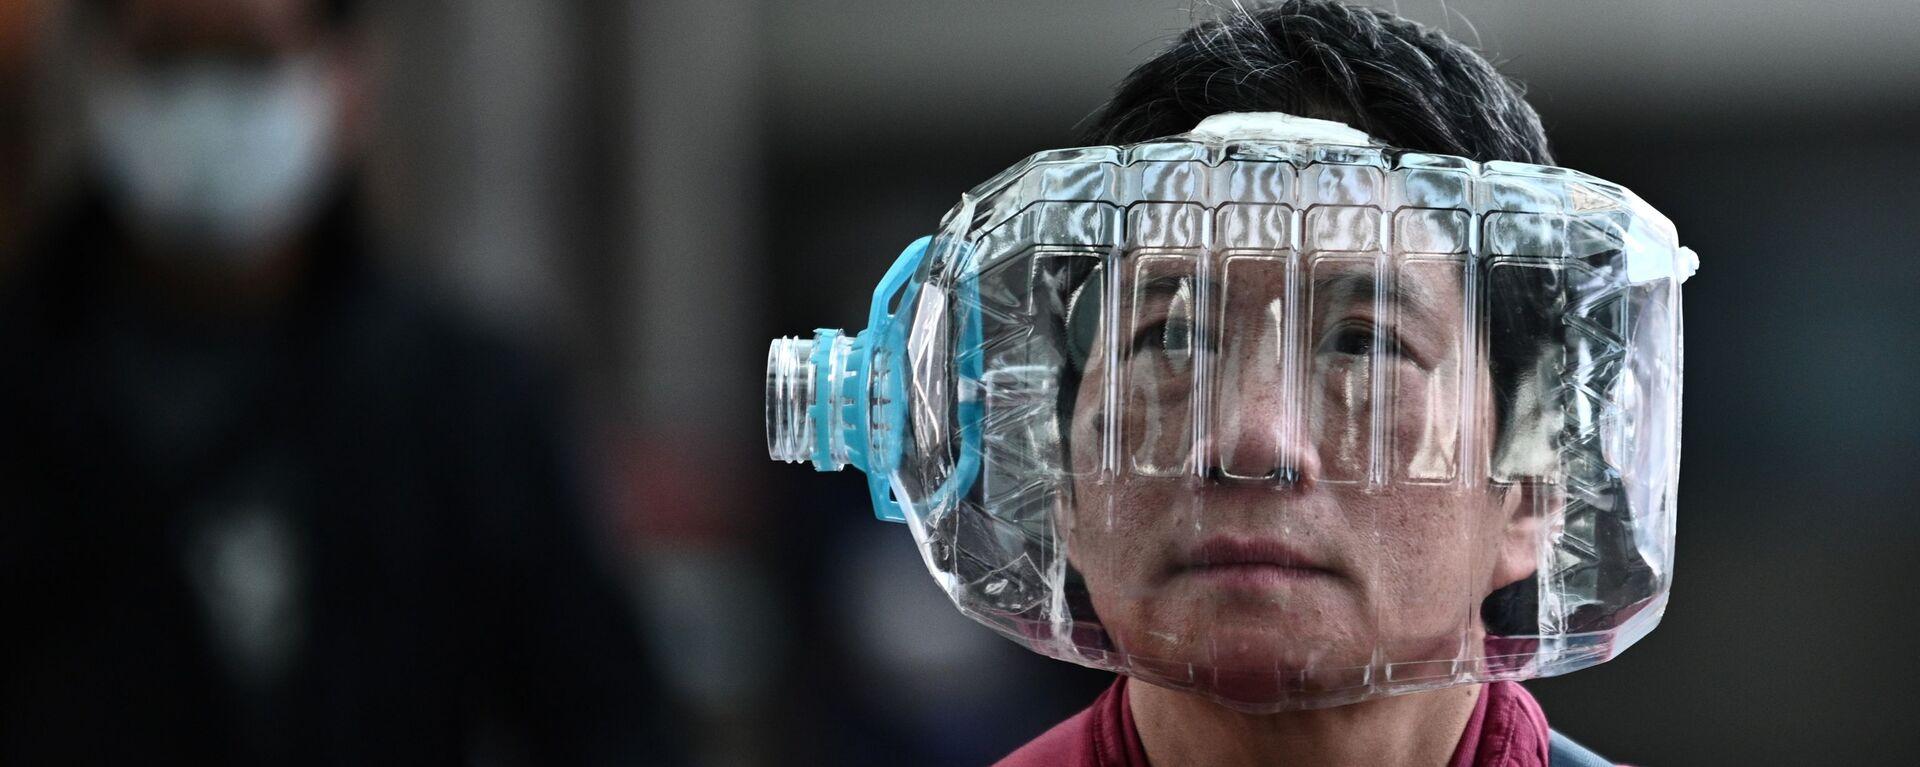 Человек с пластиковой бутылкой закрывающей лицо - Sputnik Таджикистан, 1920, 19.03.2020